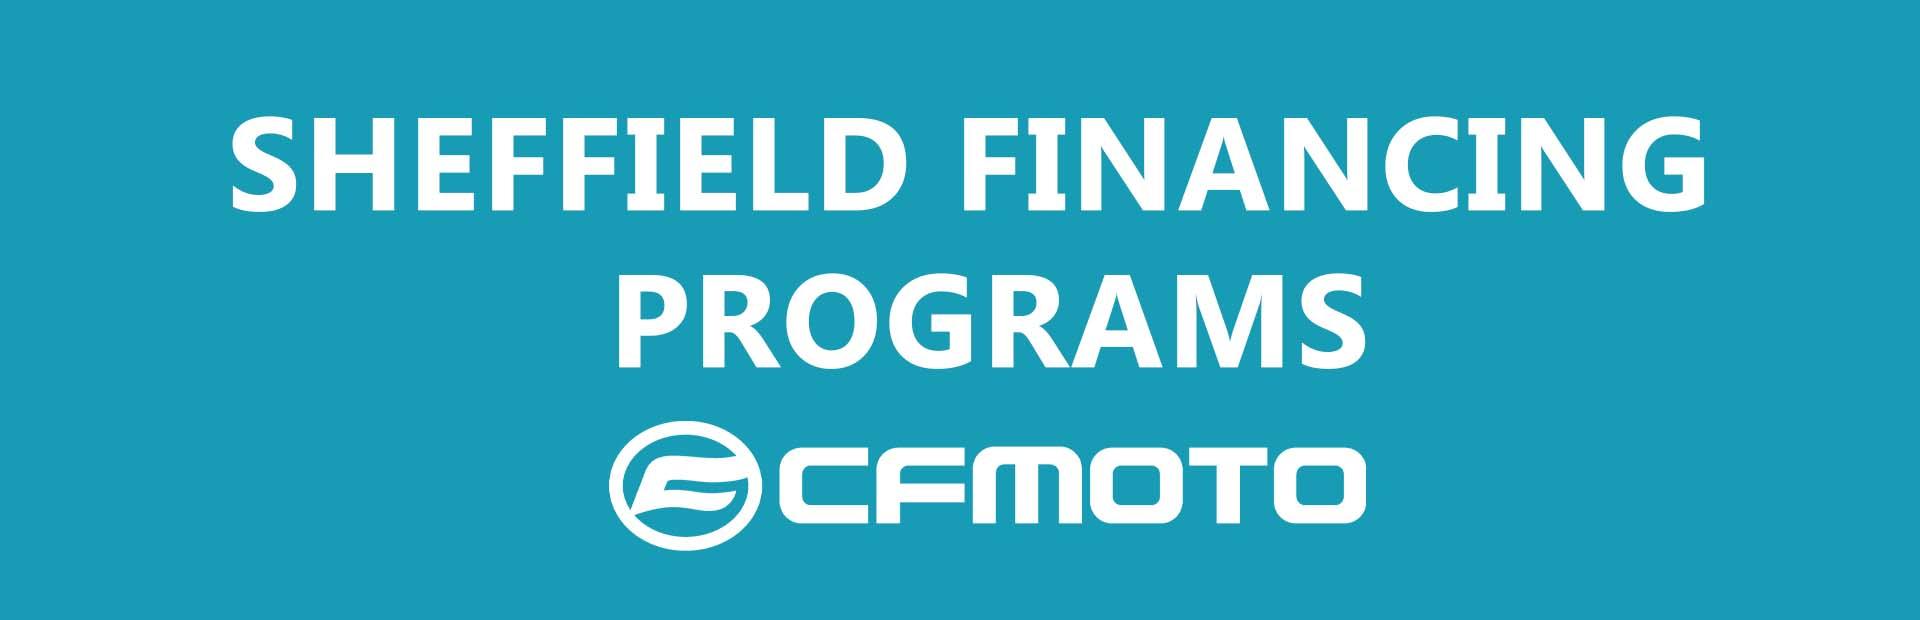 CF Moto - Retail Financing Programs at Hebeler Sales & Service, Lockport, NY 14094